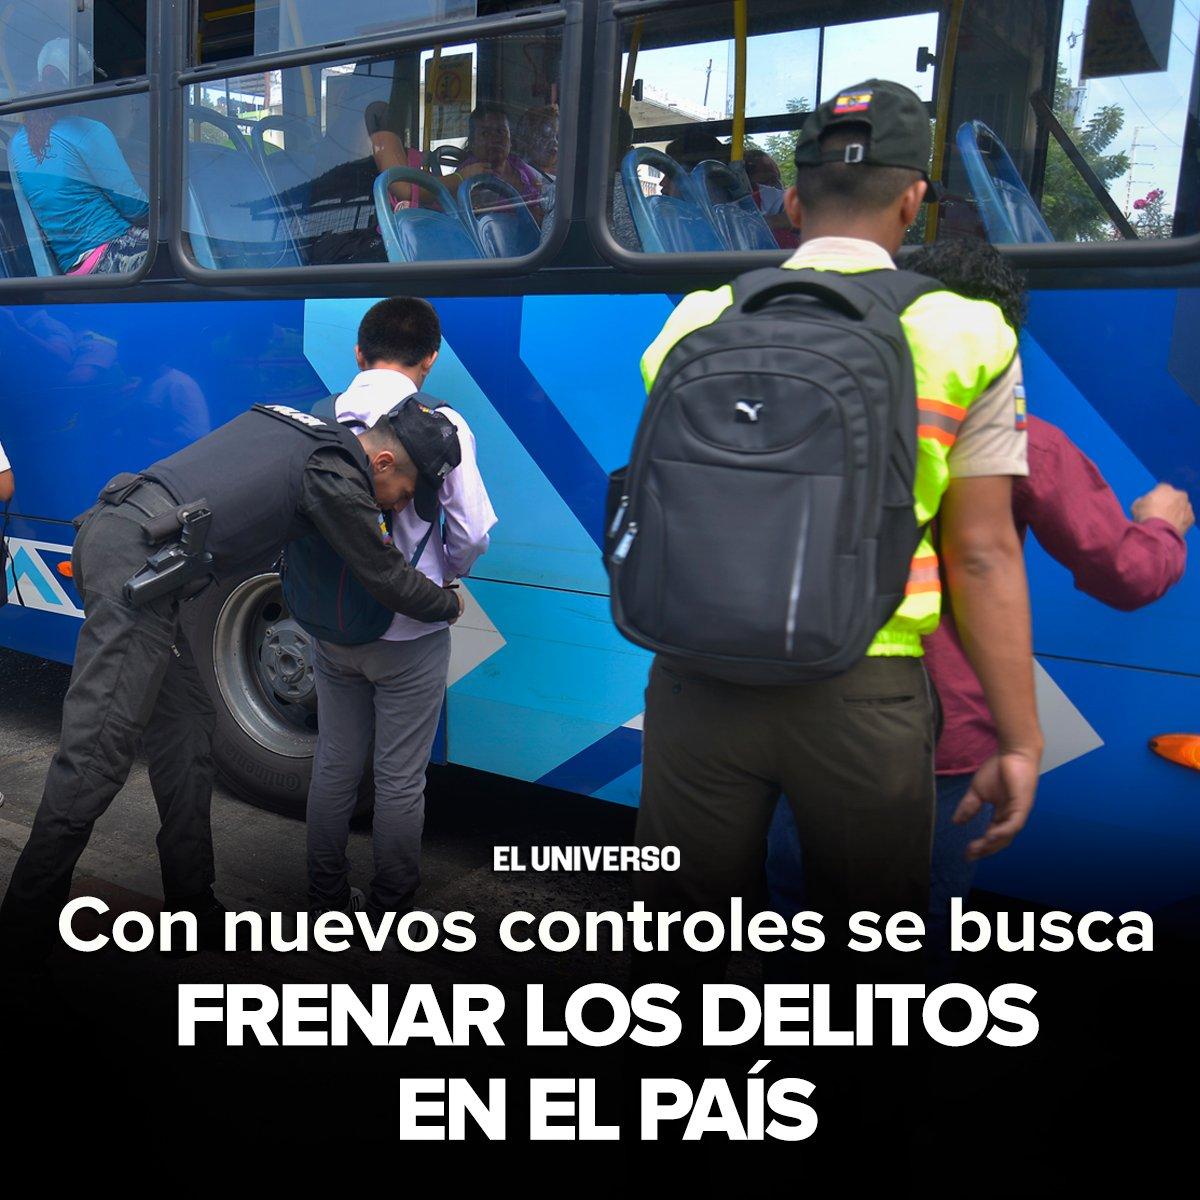 Sur de Guayaquil, 'laboratorio' para frenar delitos en Ecuador